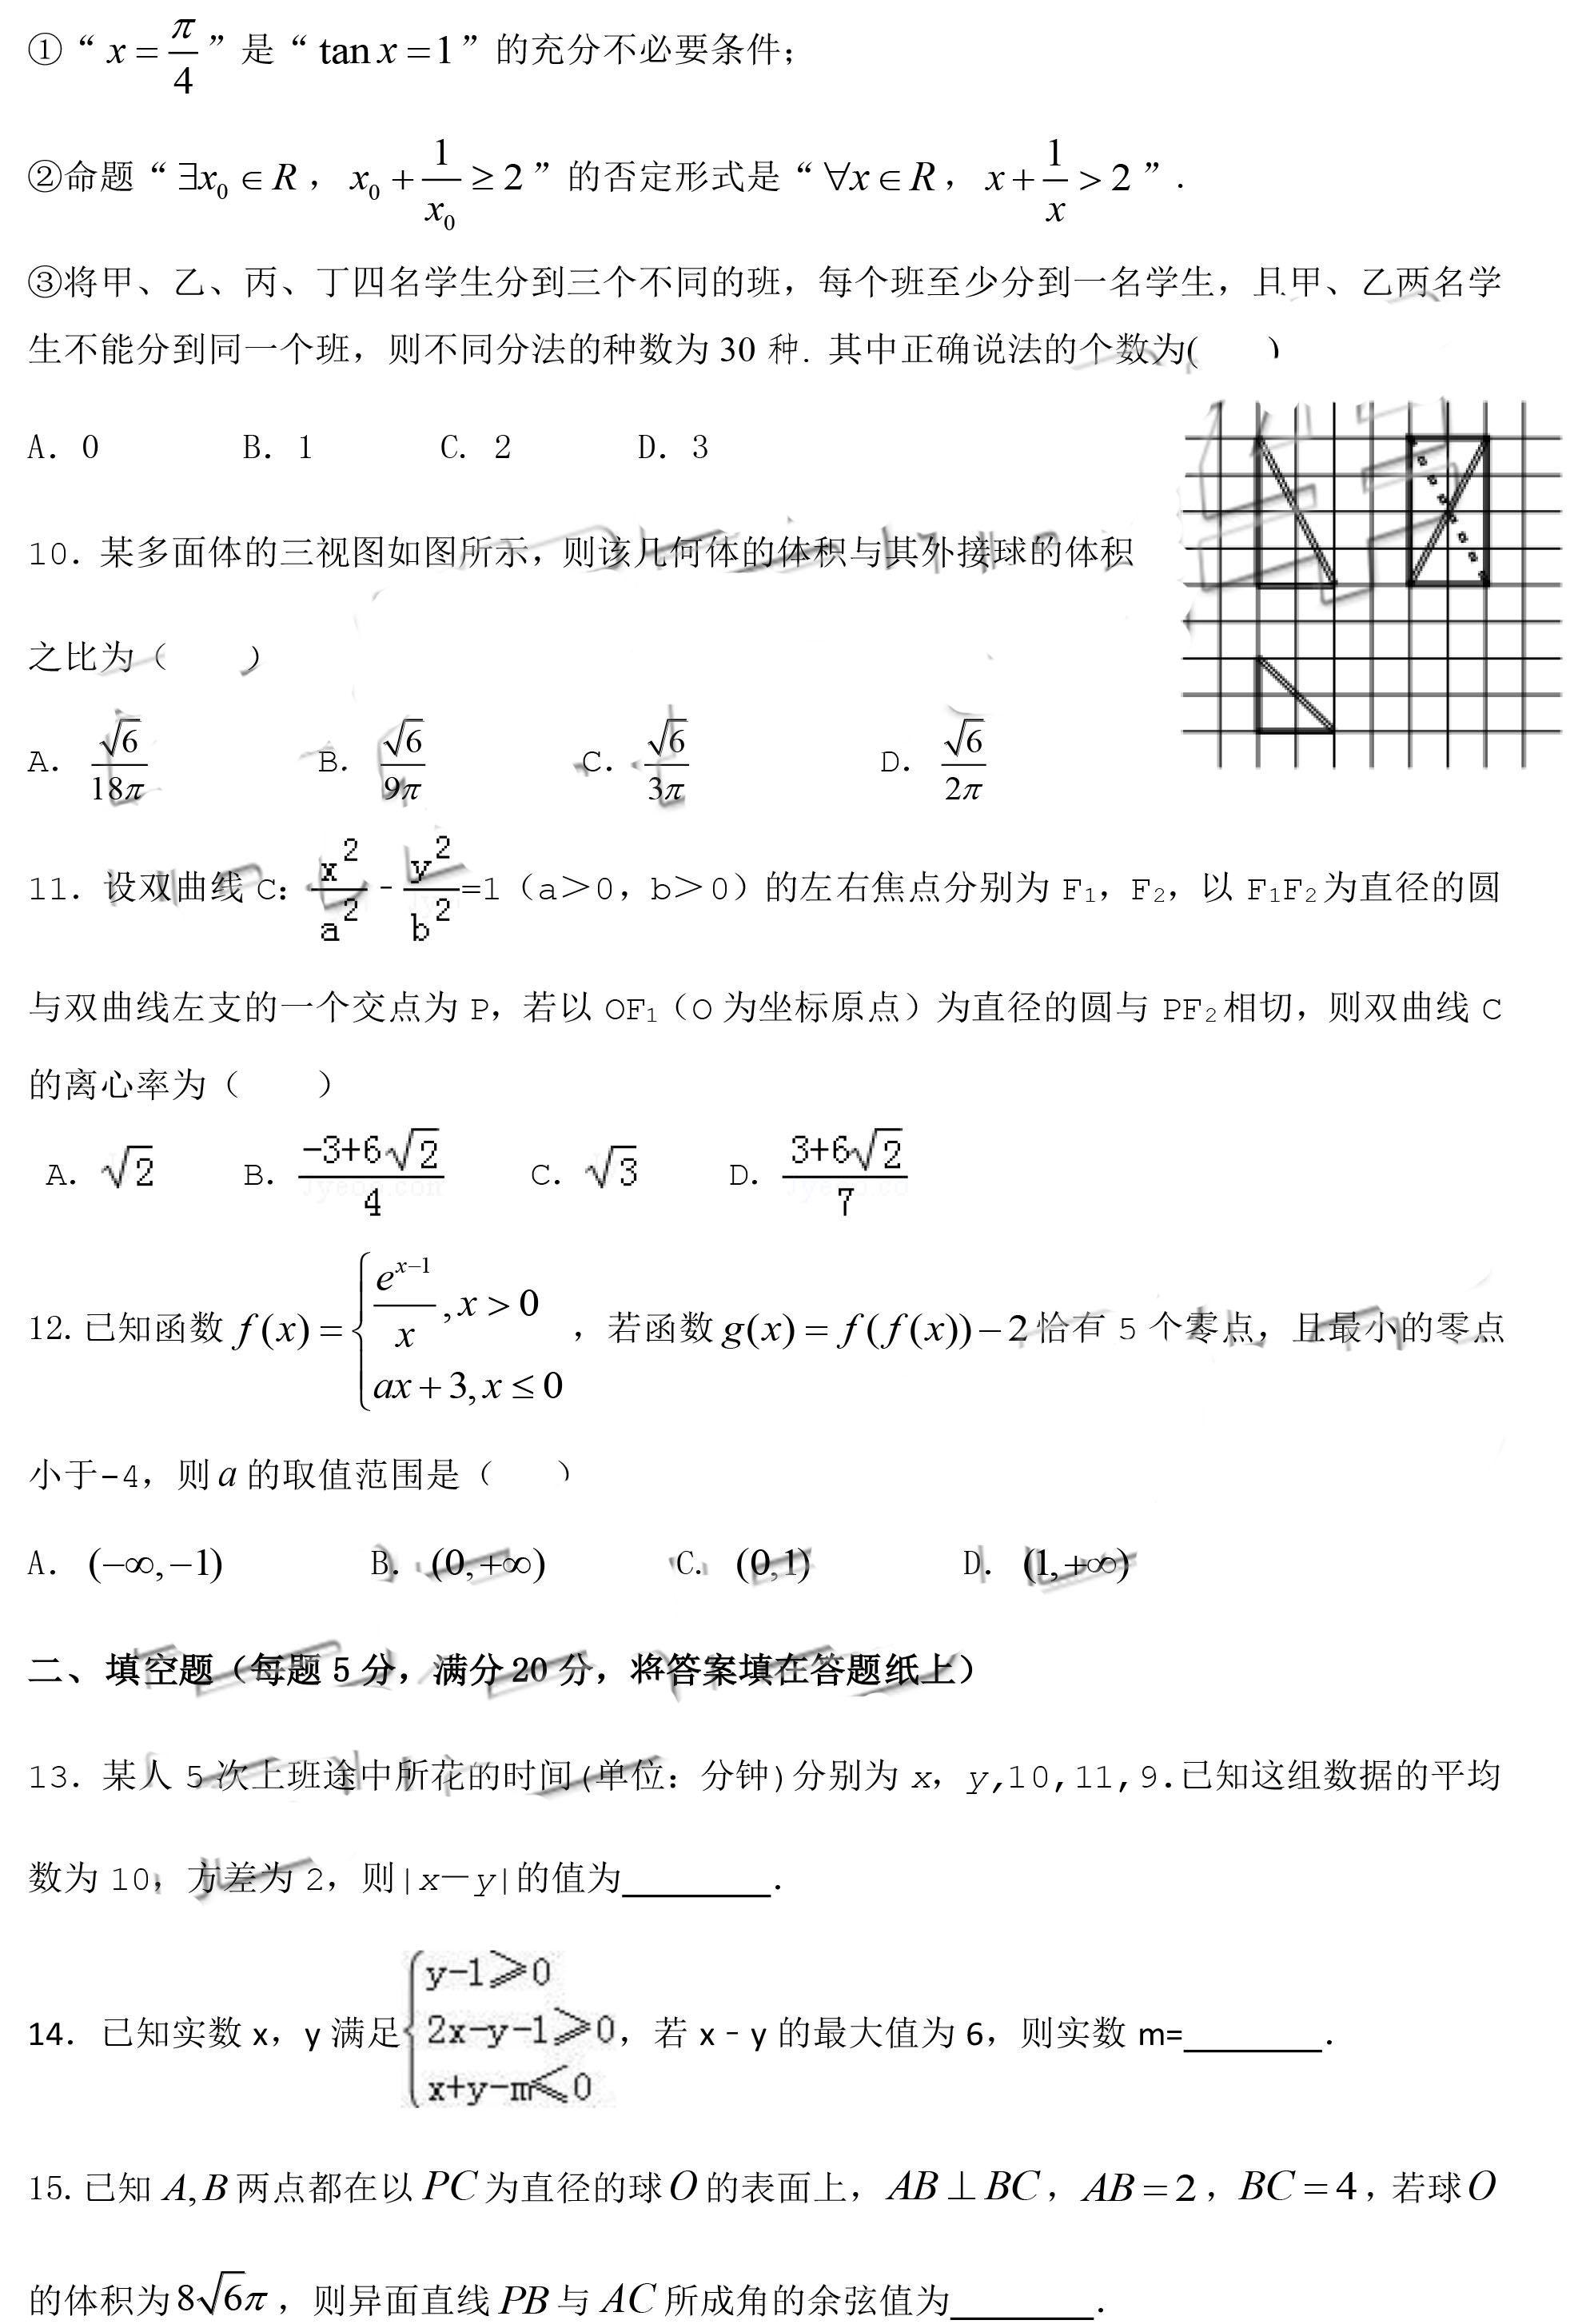 2019届成都七中高三二诊模拟考试理数真题及参考答案,附压轴题具体思路解析